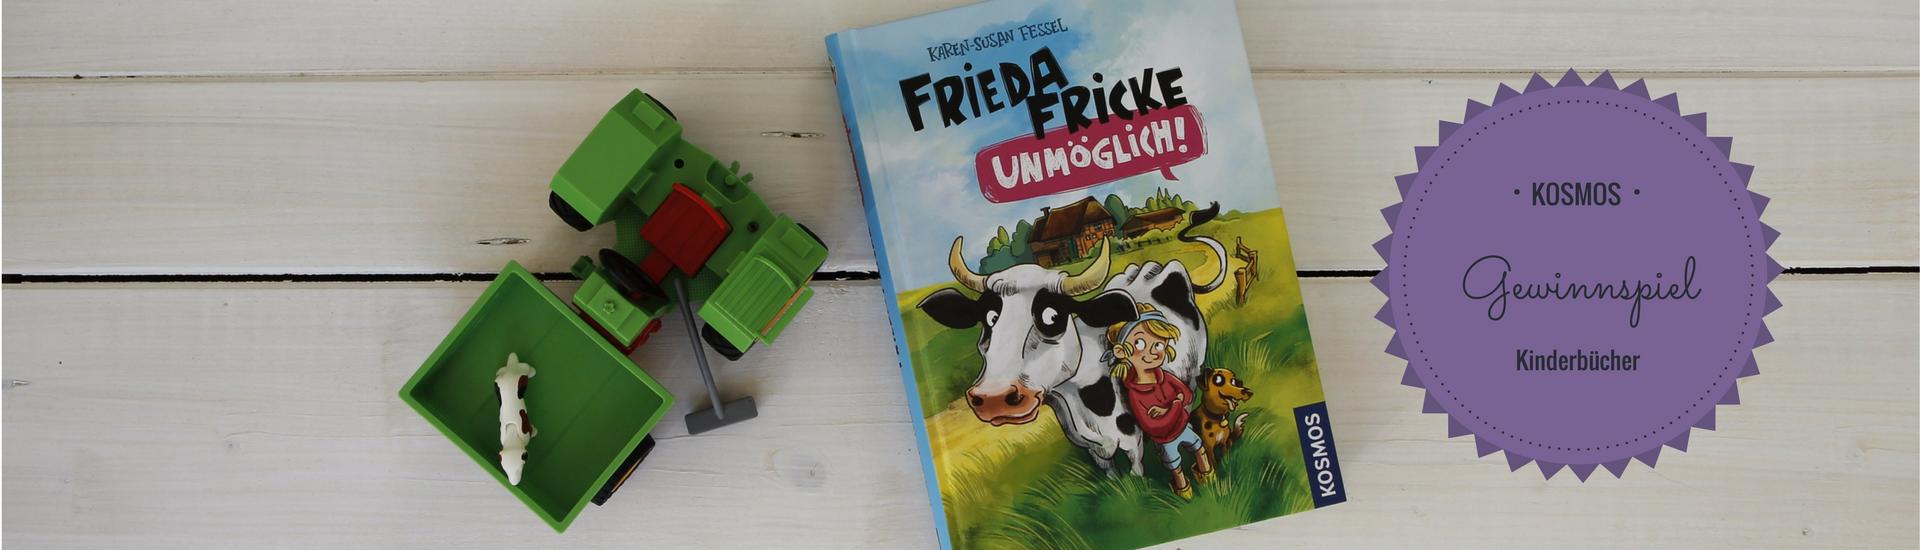 Frieda Fricke Kinderbuch